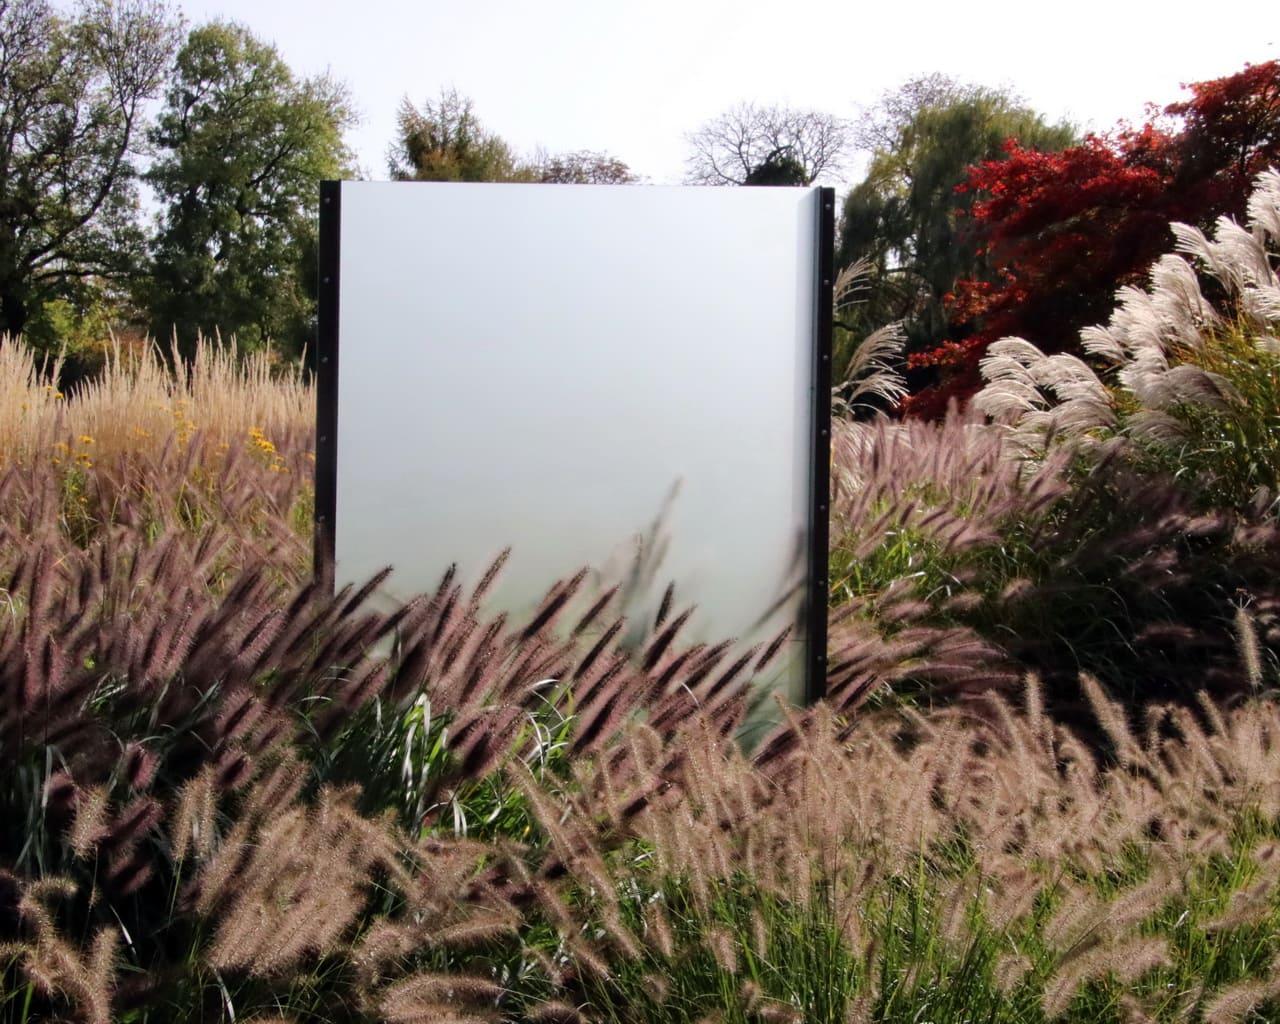 Gräsergarten im ega Park, Planung Petra Pelz 2014, Schattenspiele durch Plexiglaswände - Idee: Büro Ihle Weimar